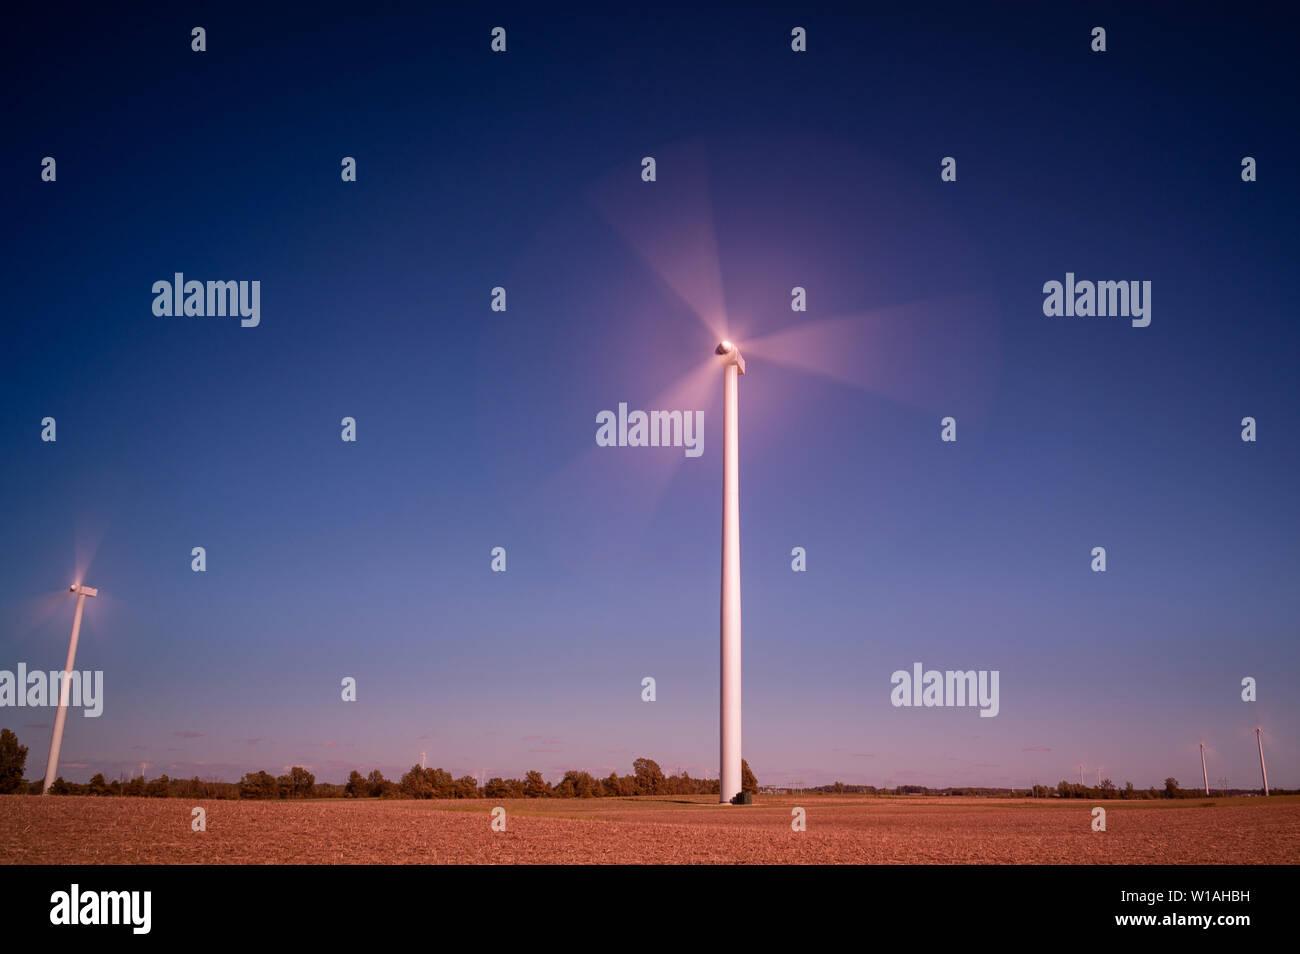 Horizontale Achse wind turbine Blades in den Wind drehen, Erstellen von Windenergie oder Windenergie in Central Indiana. © 2019 Mark Bealer Alle Rechte vorbehalten Stockbild